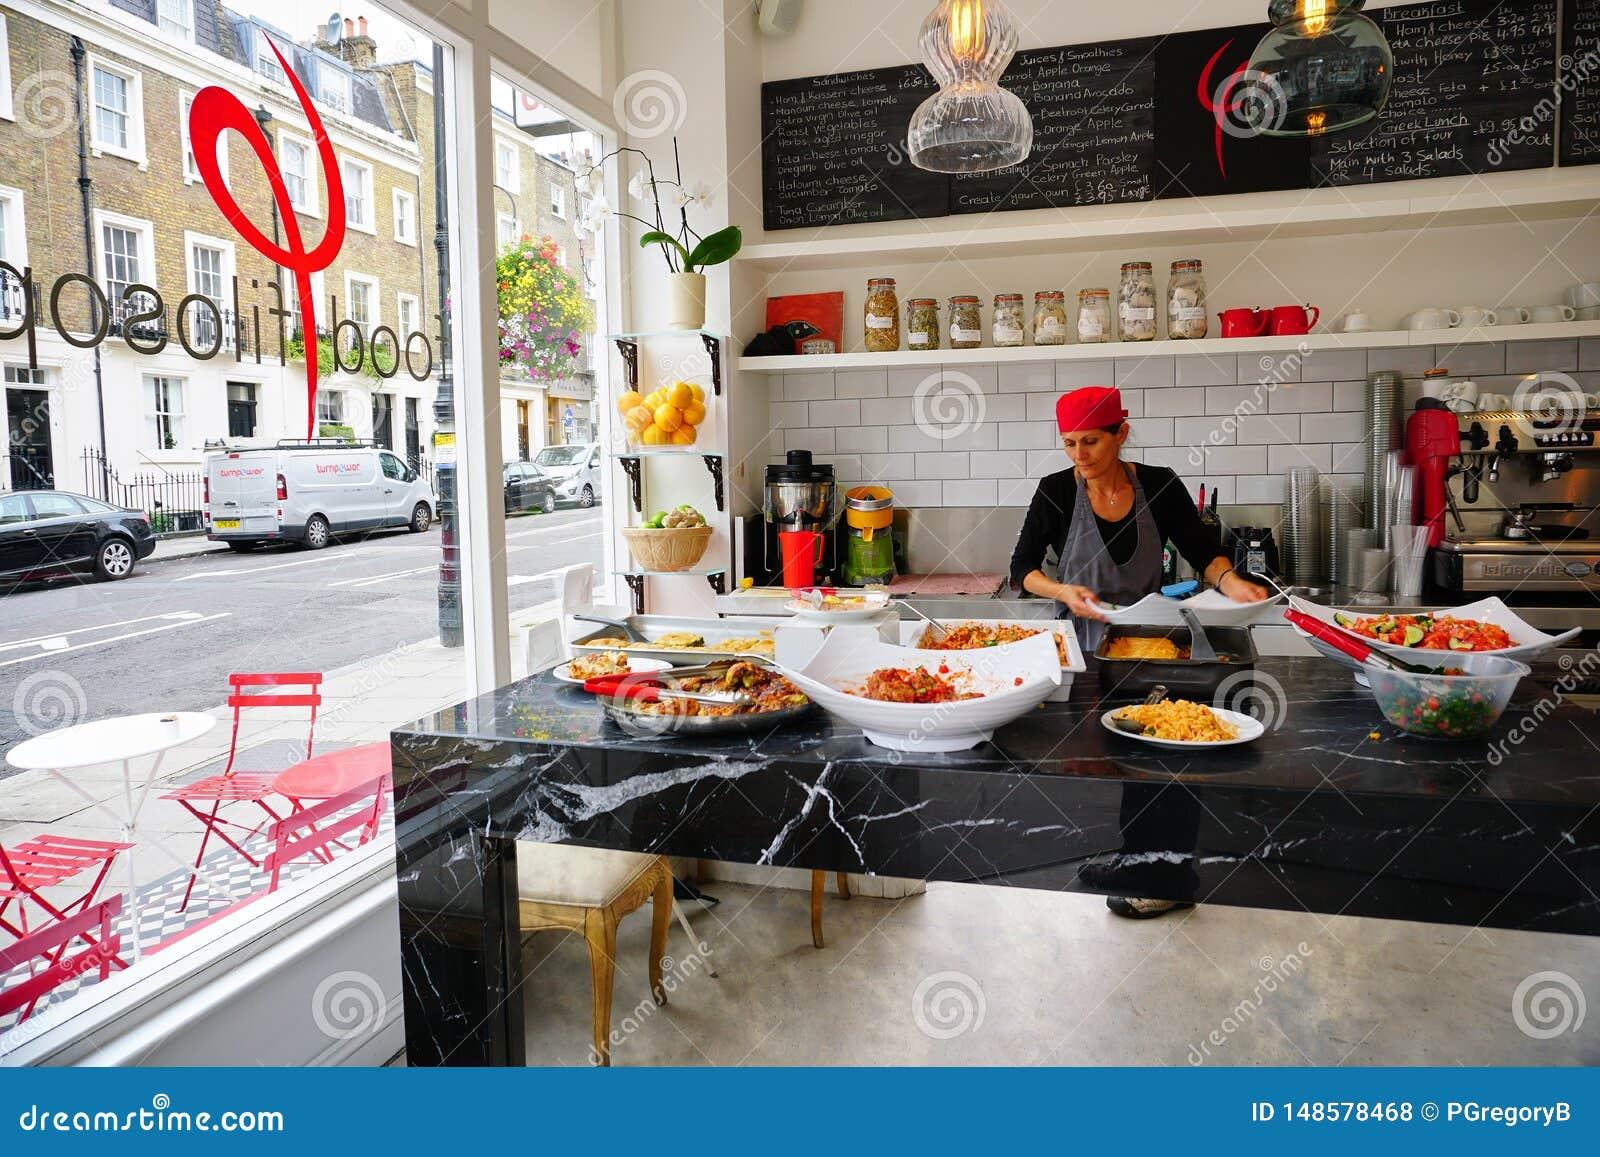 Female Restaurant worker prepares Healthy Dishes in Street View Kitchen